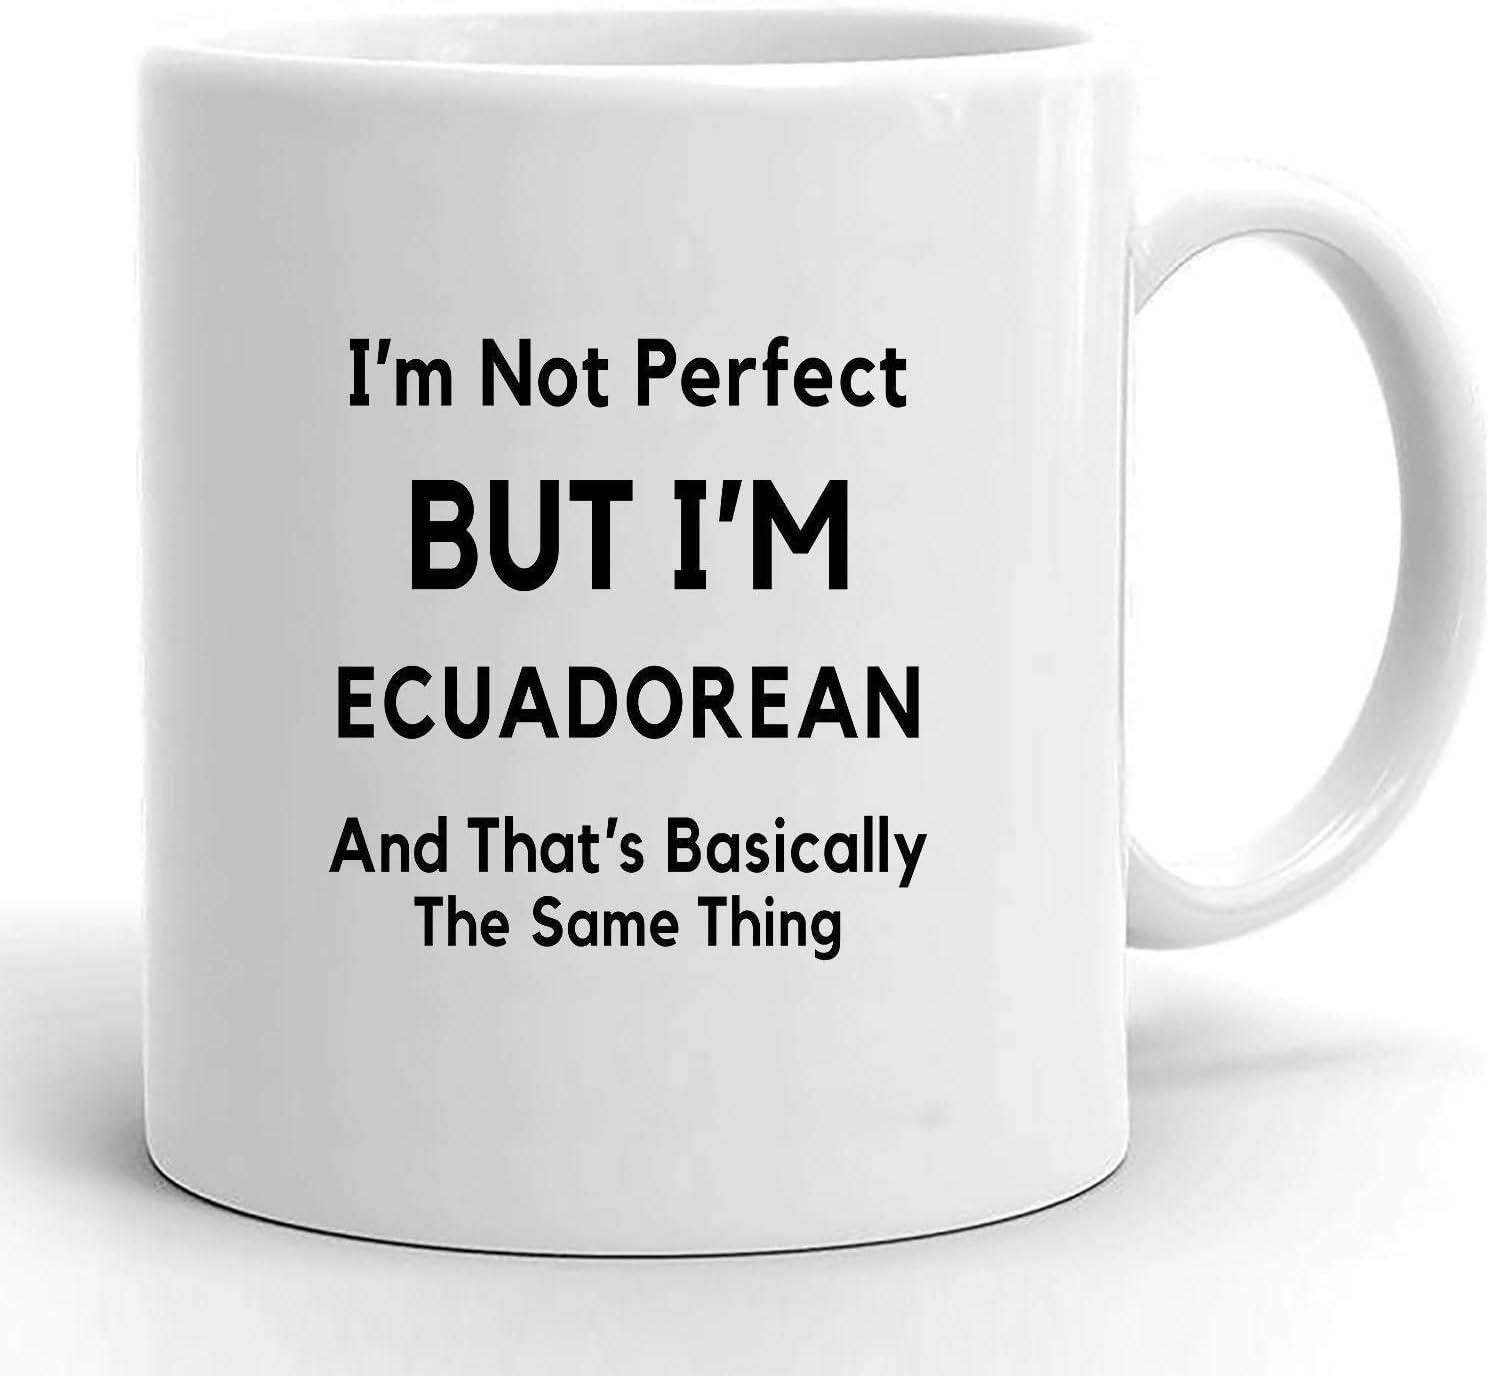 Regalo ecuatoriano regalo para ecuatoriano Regalos ecuatorianos Orgullo ecuatoriano Bandera ecuatoriana amo Ecuador Ecuador taza de café Ecuador presente